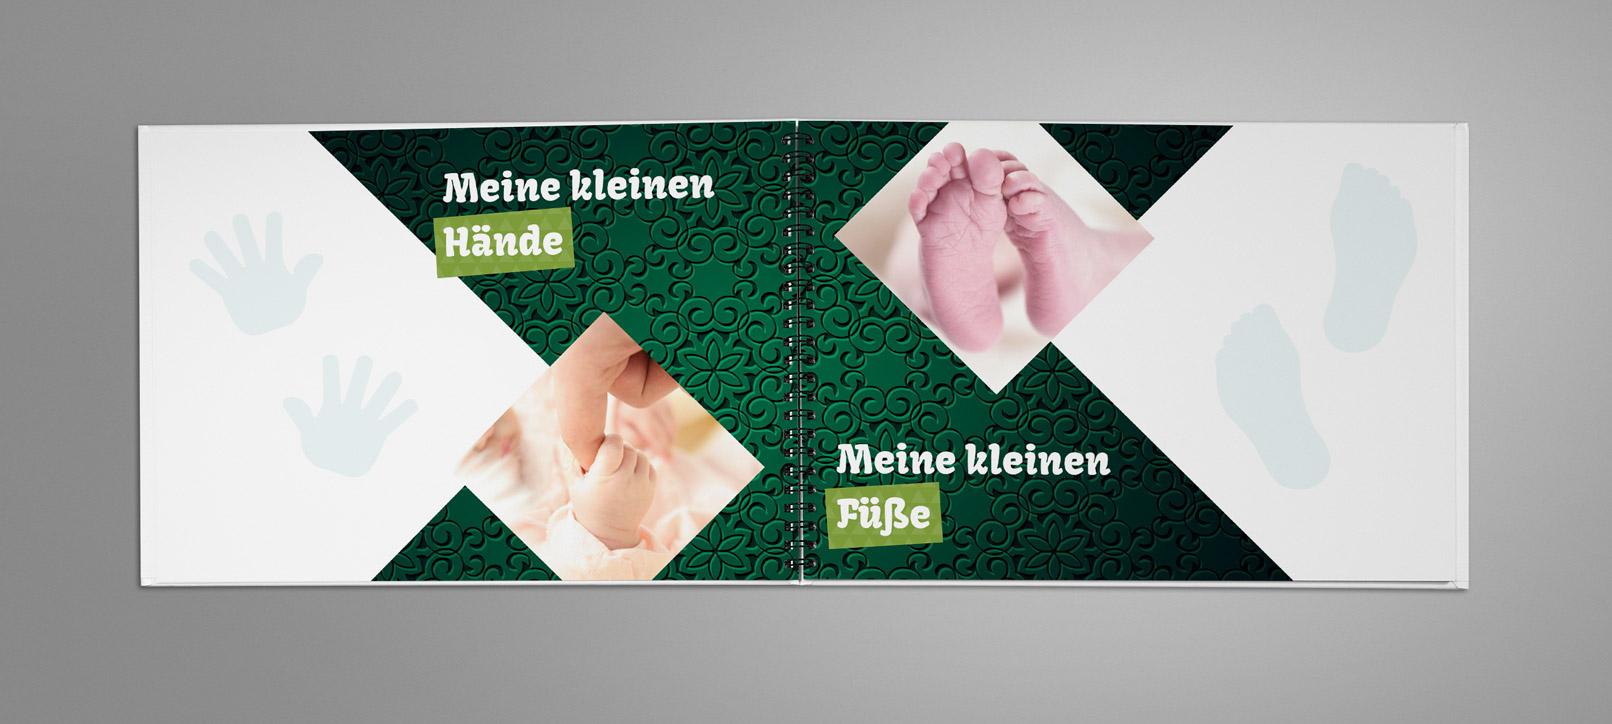 Fotoalbum, in dem die grünen Hintergrundbilder für den Hintergrund verwendet wurden.